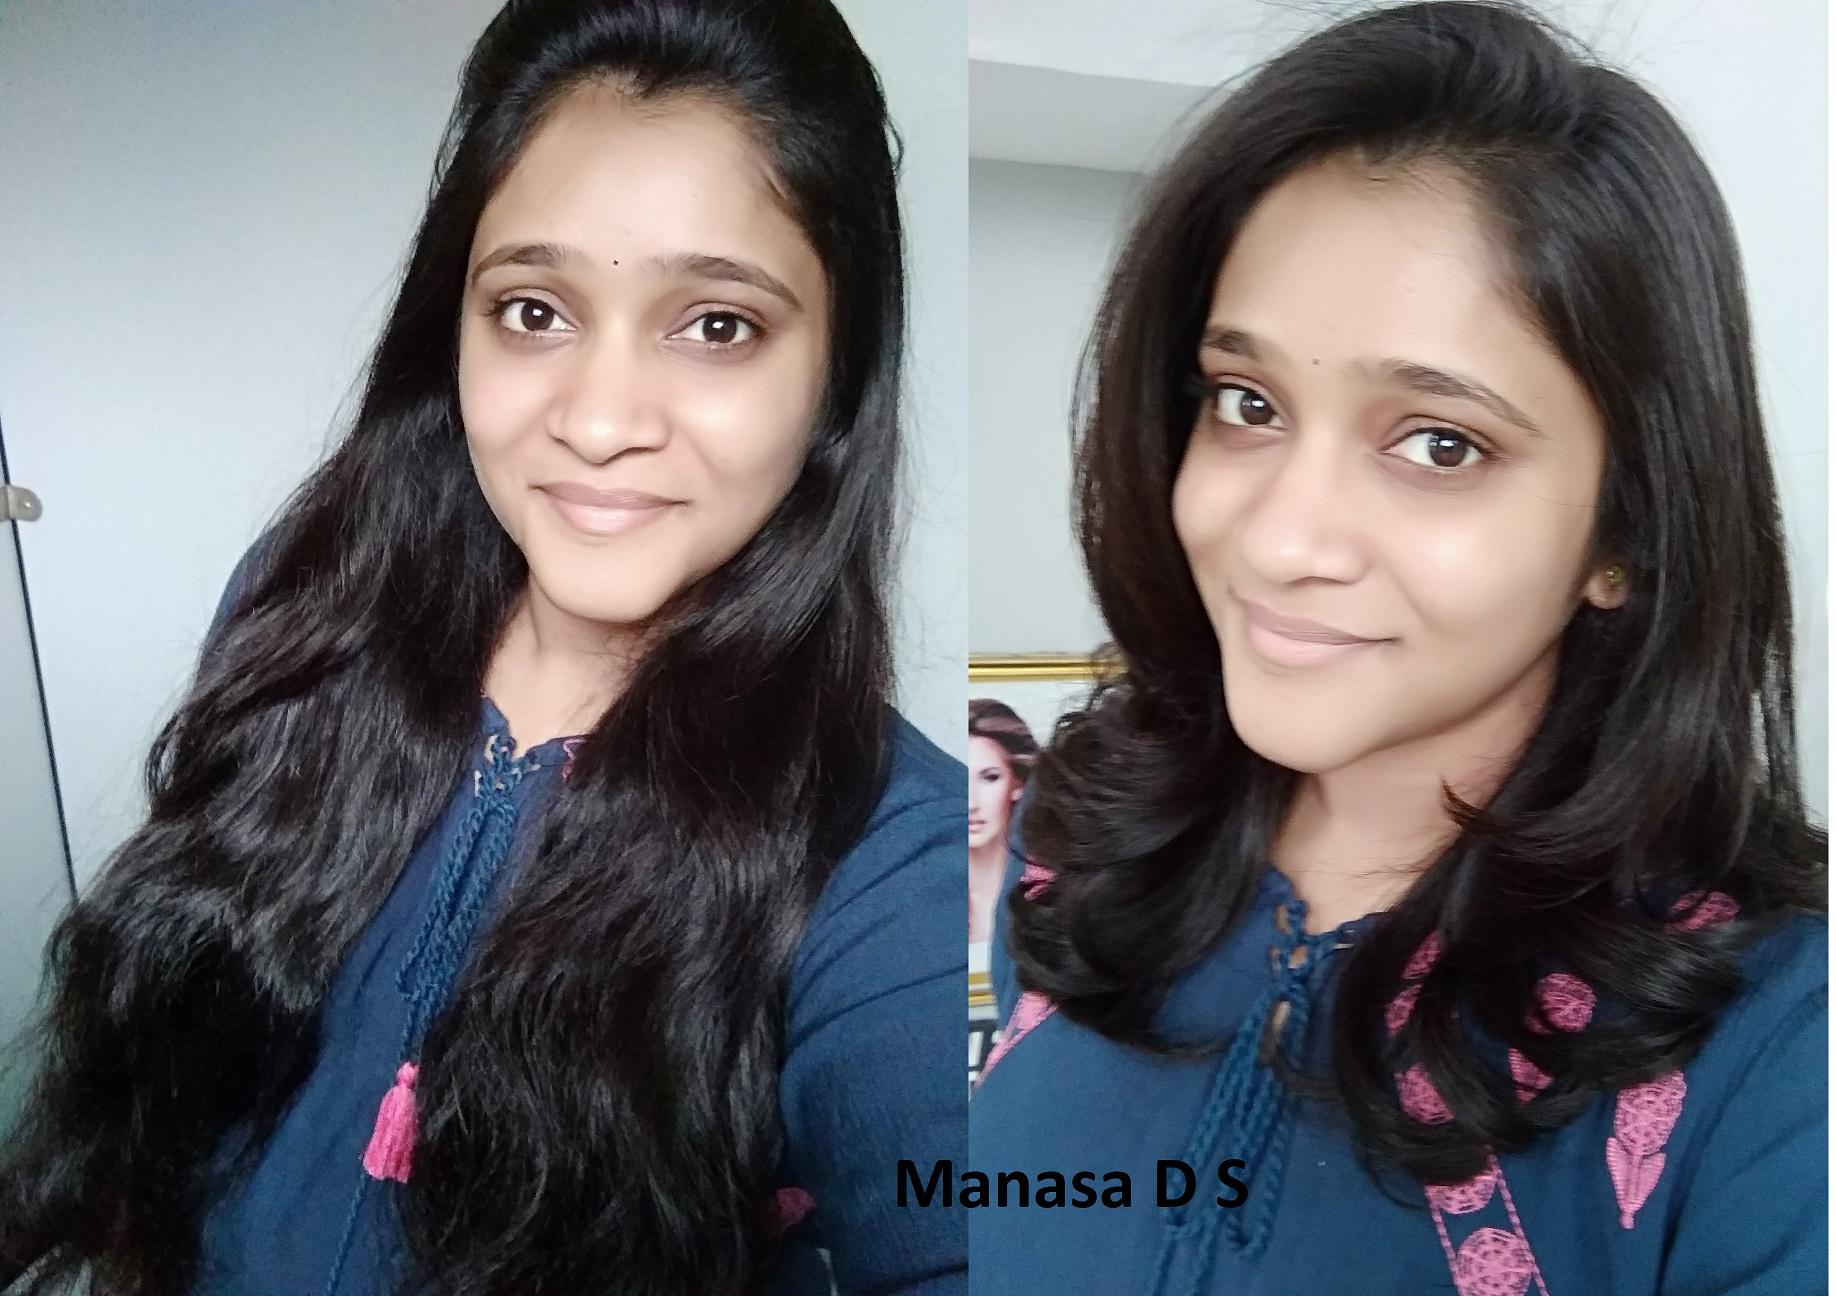 Manasa D S a